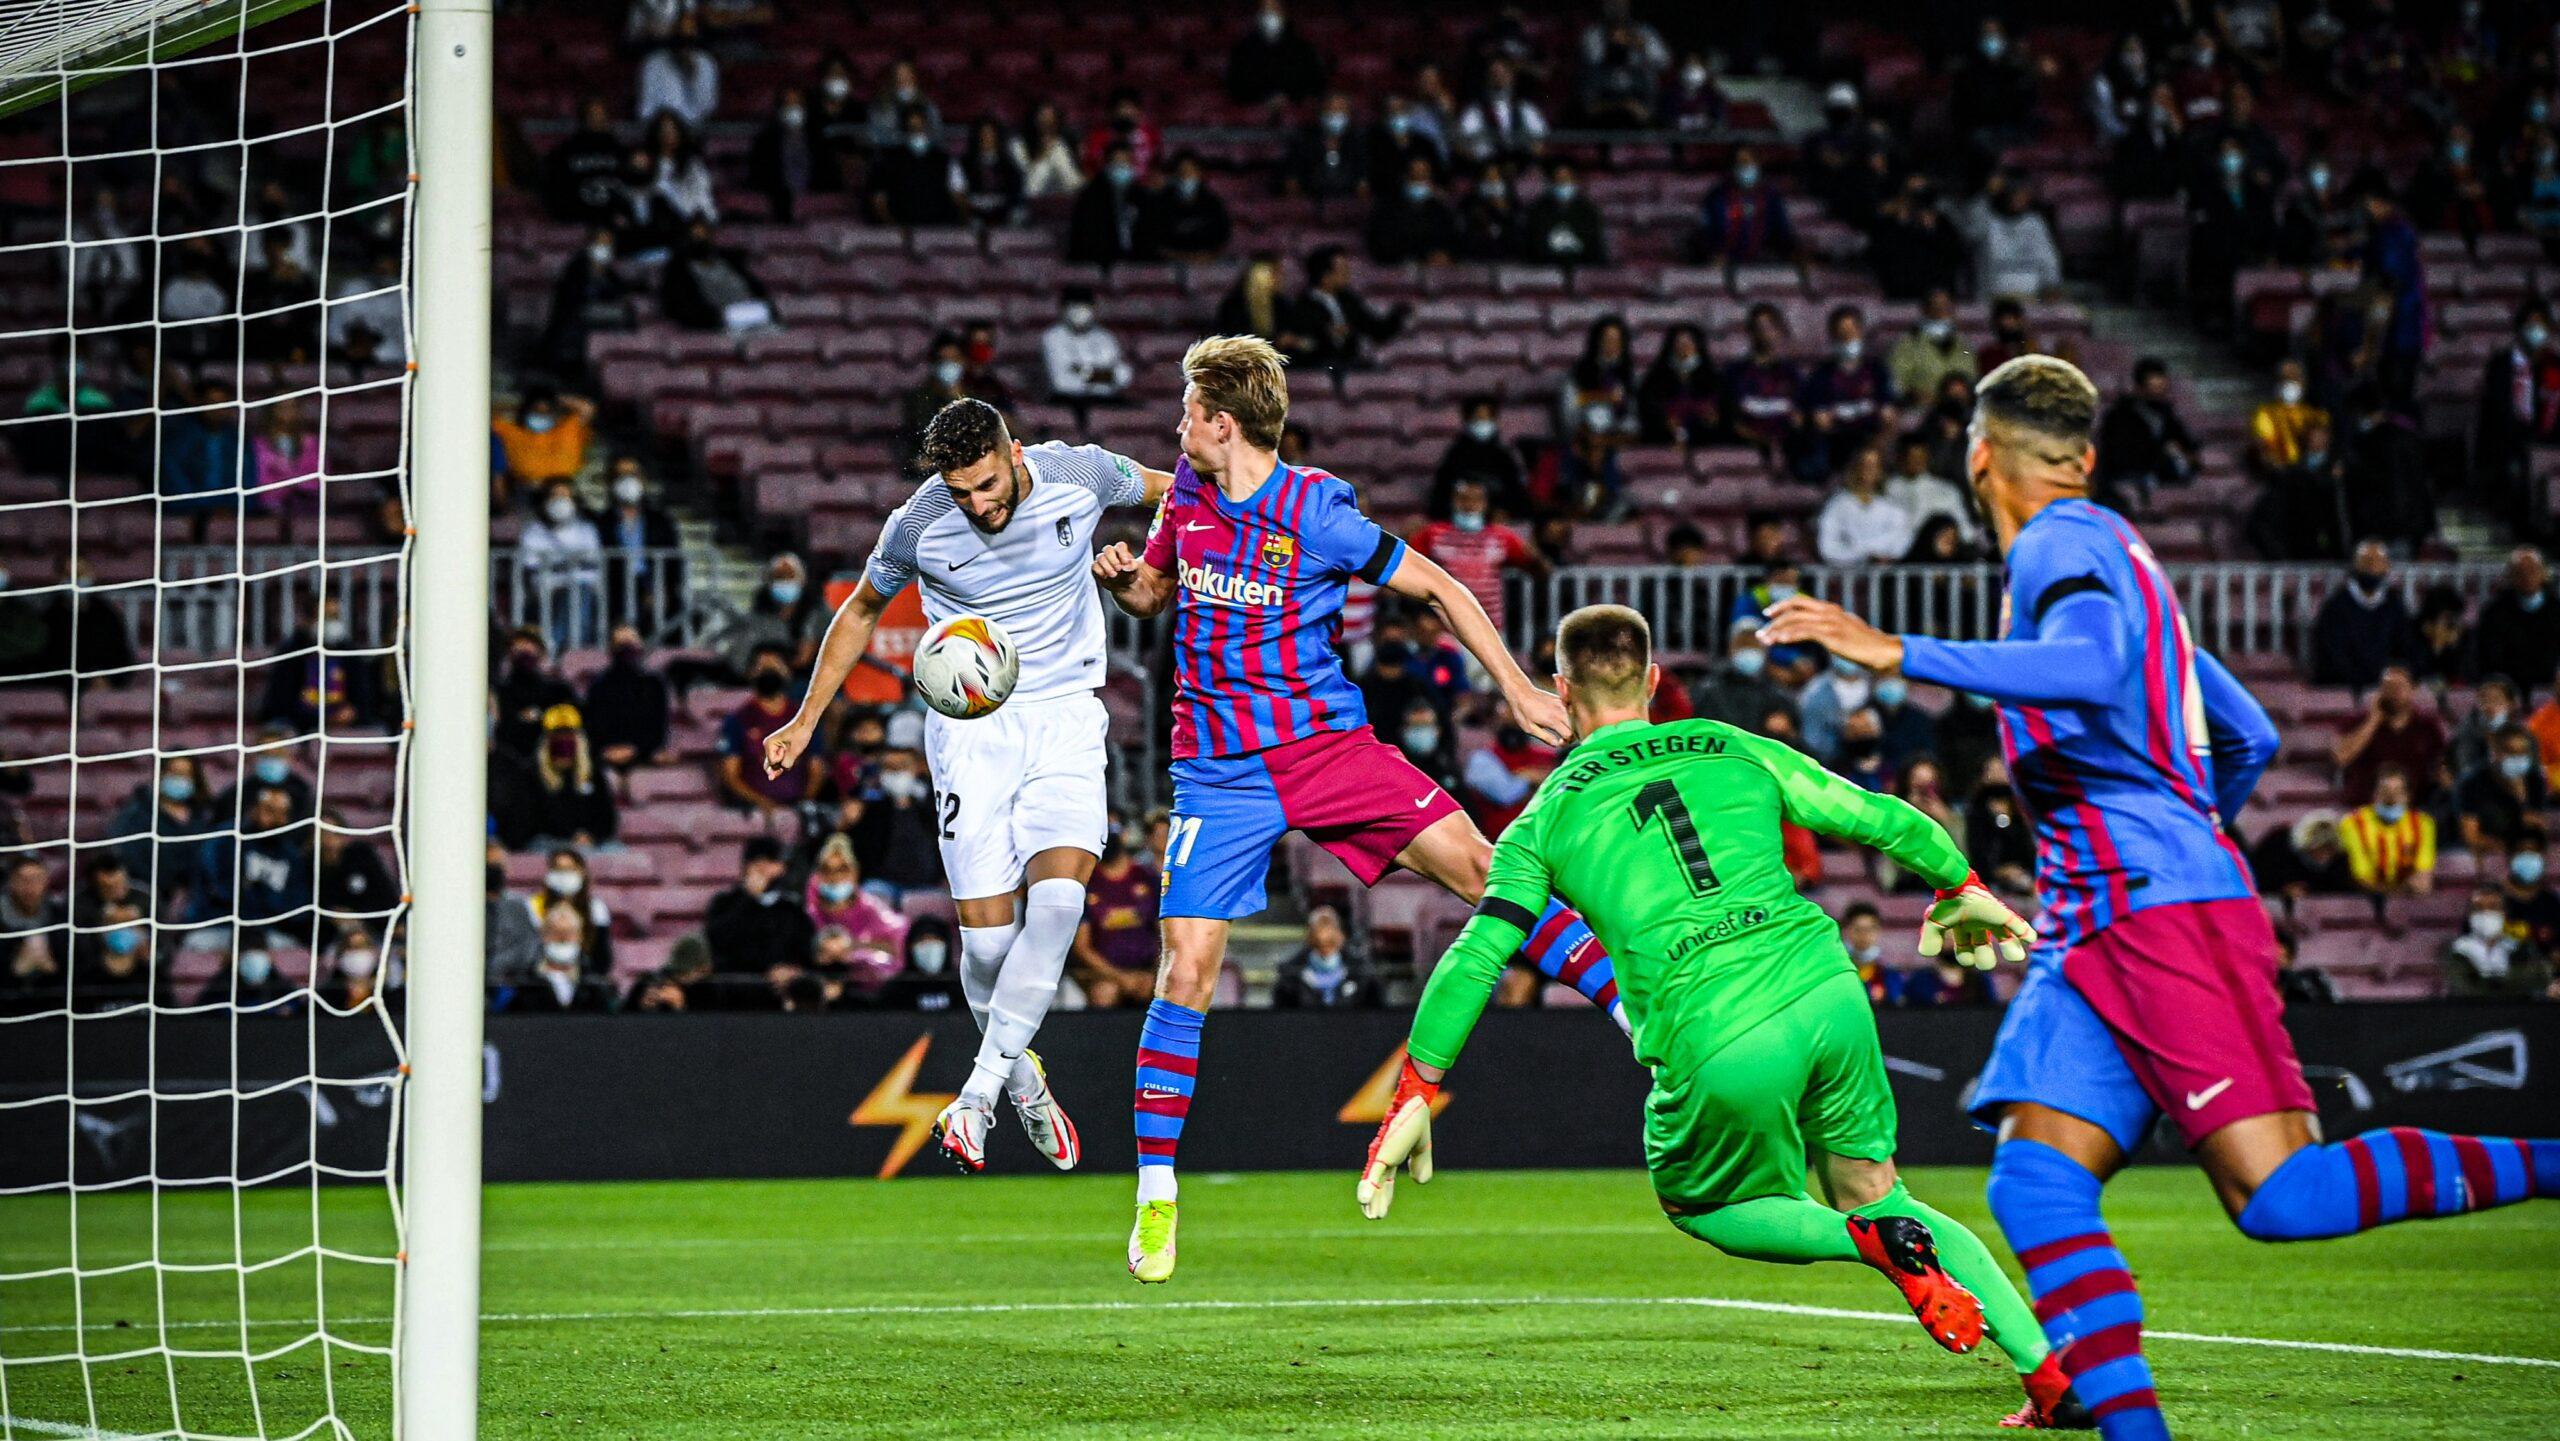 """Barcelona shpëton nga """"turpi"""" në shtesë, vetëm 1 pikë ndaj Granadas në Camp Nou (VIDEO)"""